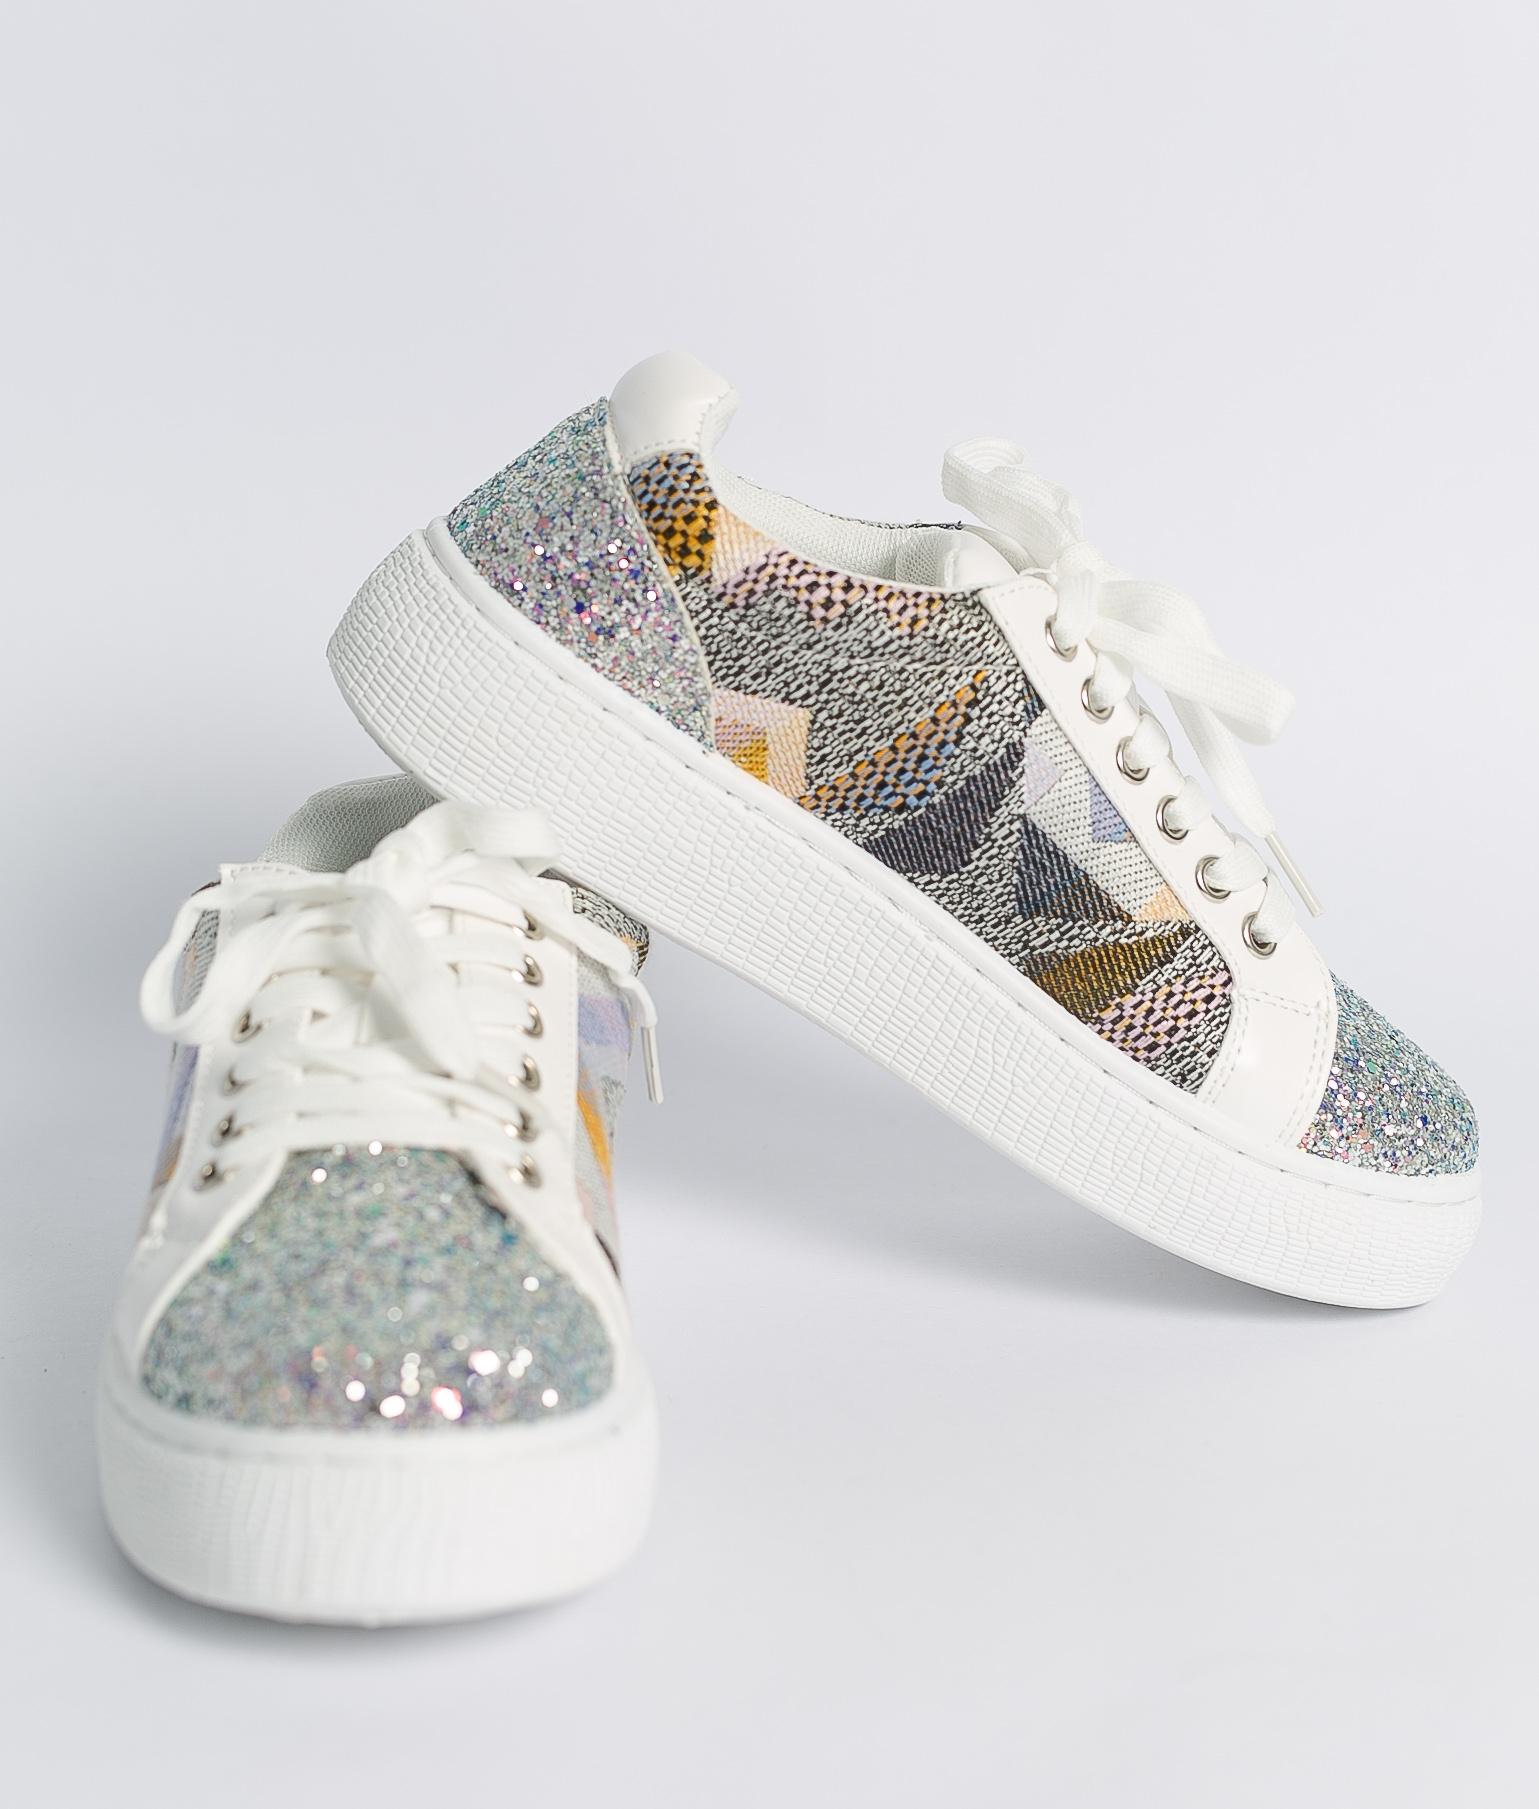 Sneakers Glita - Branco